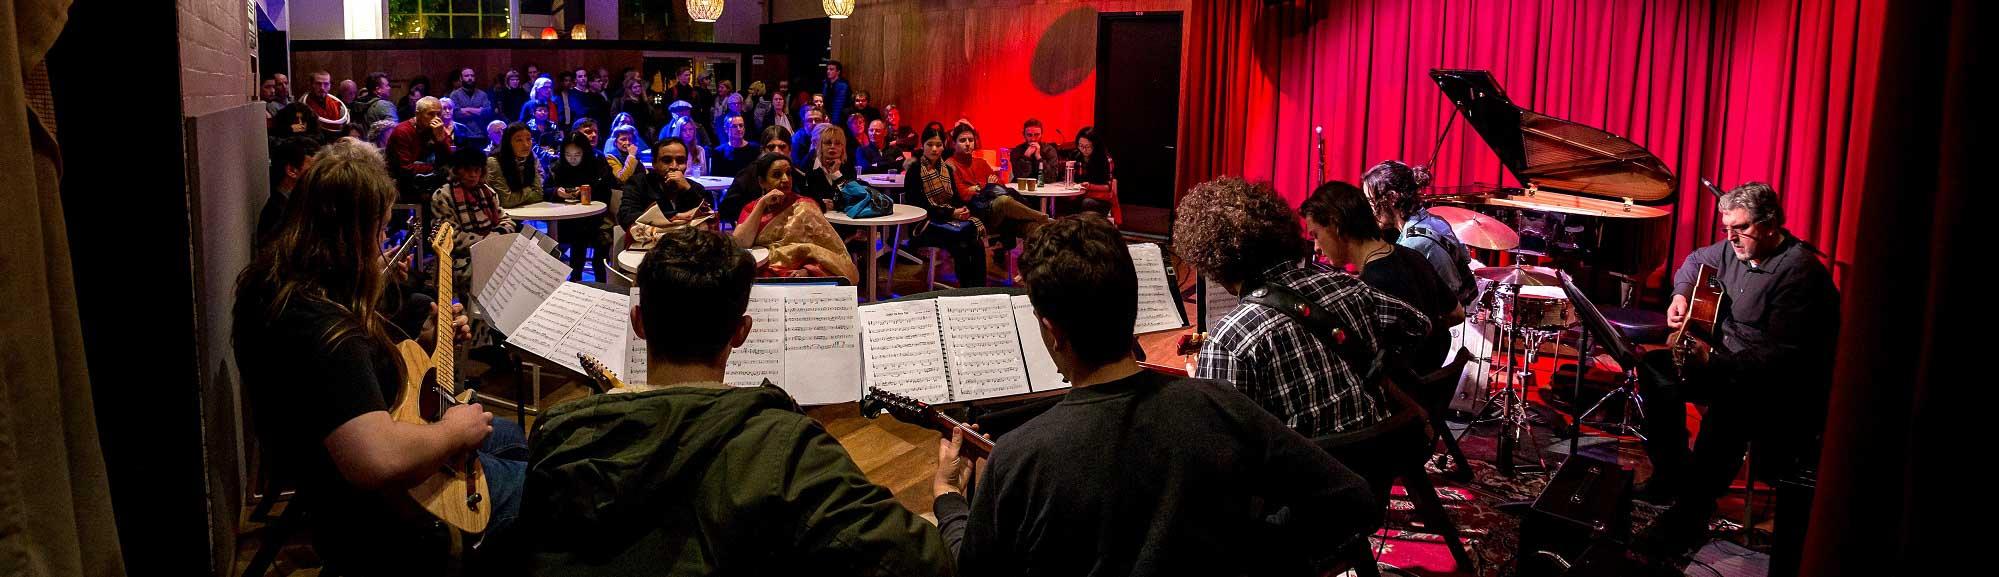 澳洲音乐学院 墨尔本大学音乐学院怎么样?